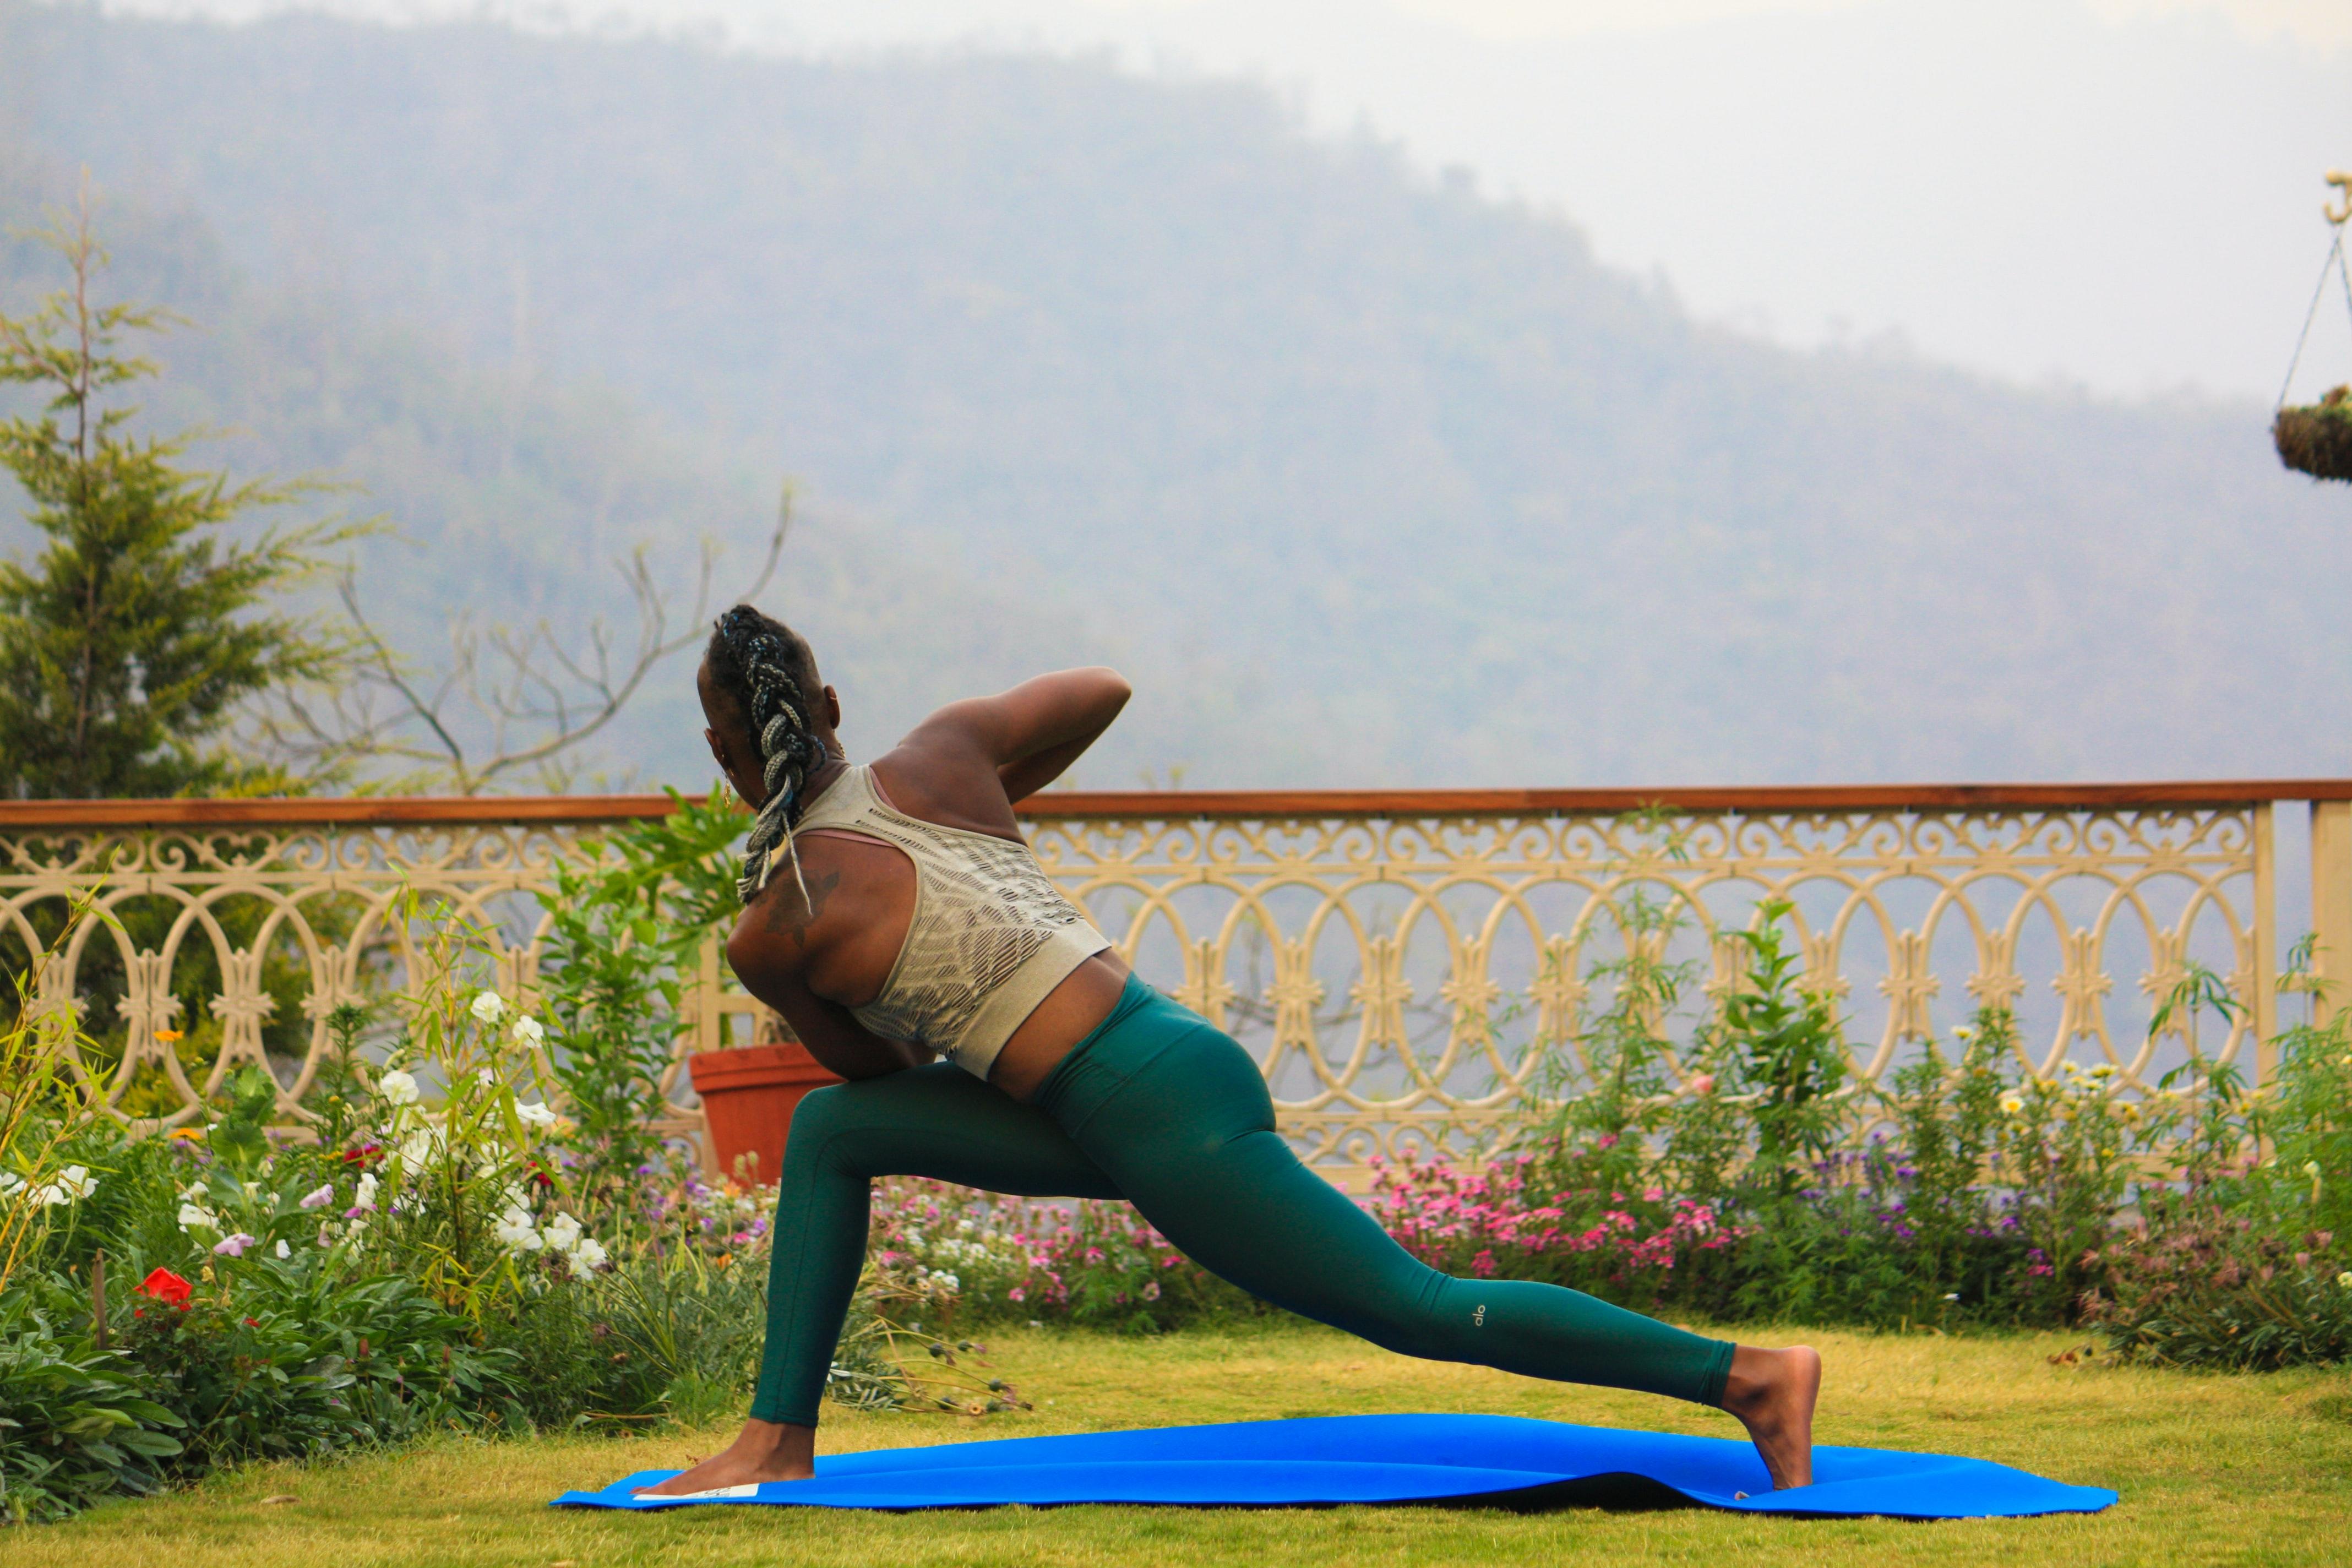 Black woman doing yoga outside